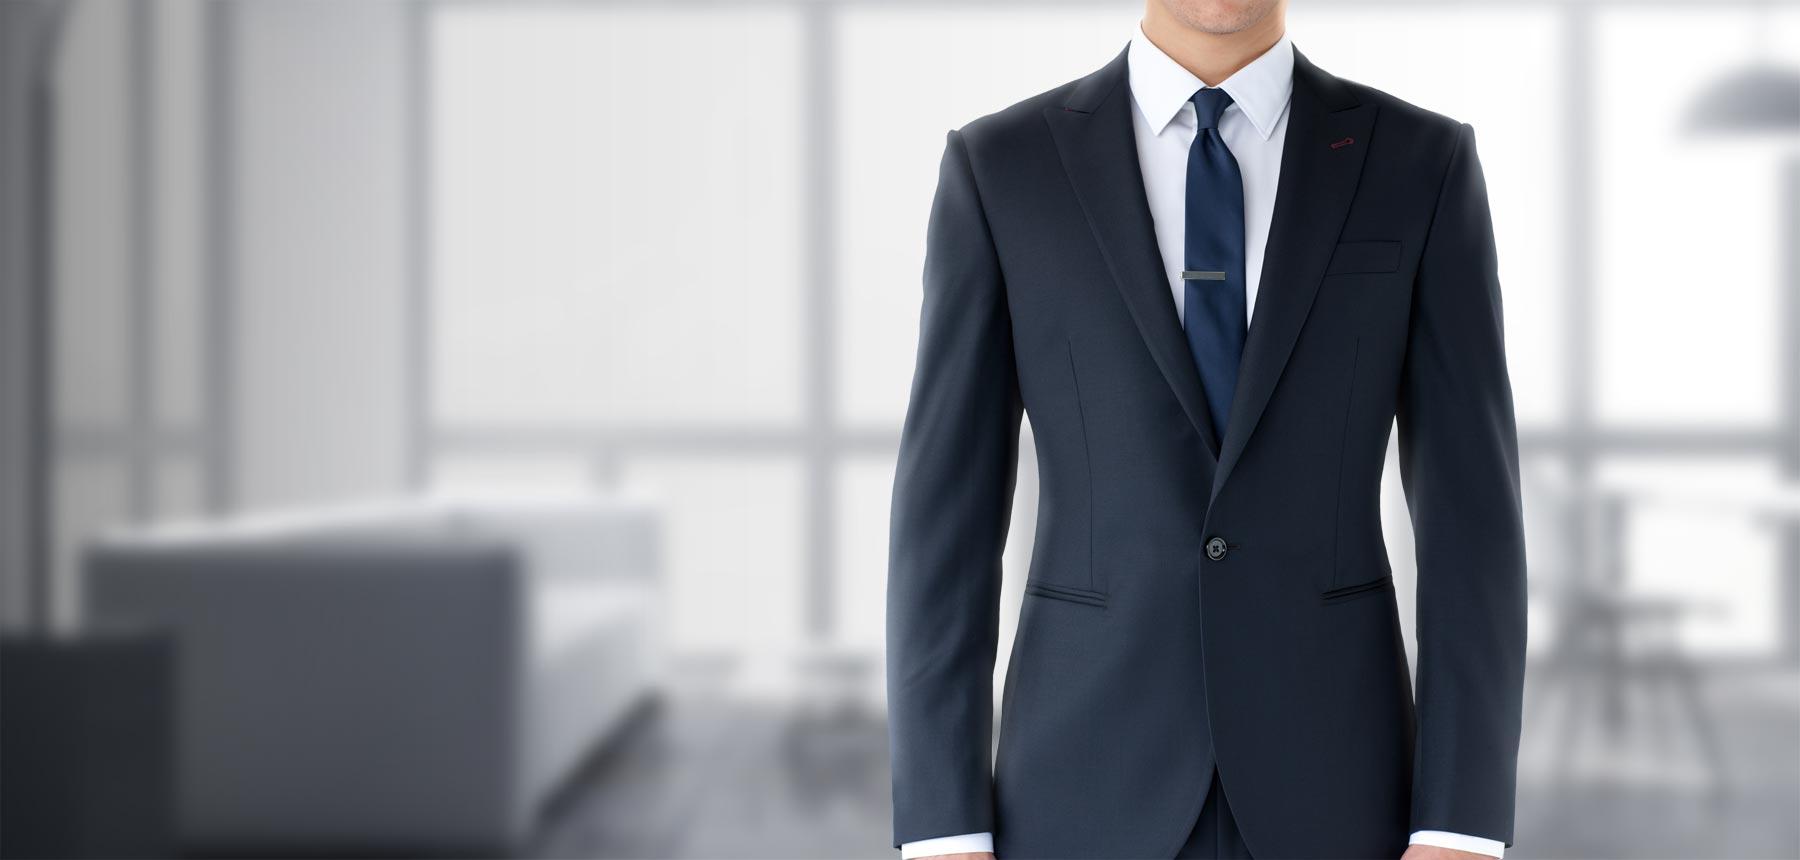 Tradición y modernidad aplicadas a la moda de caballero